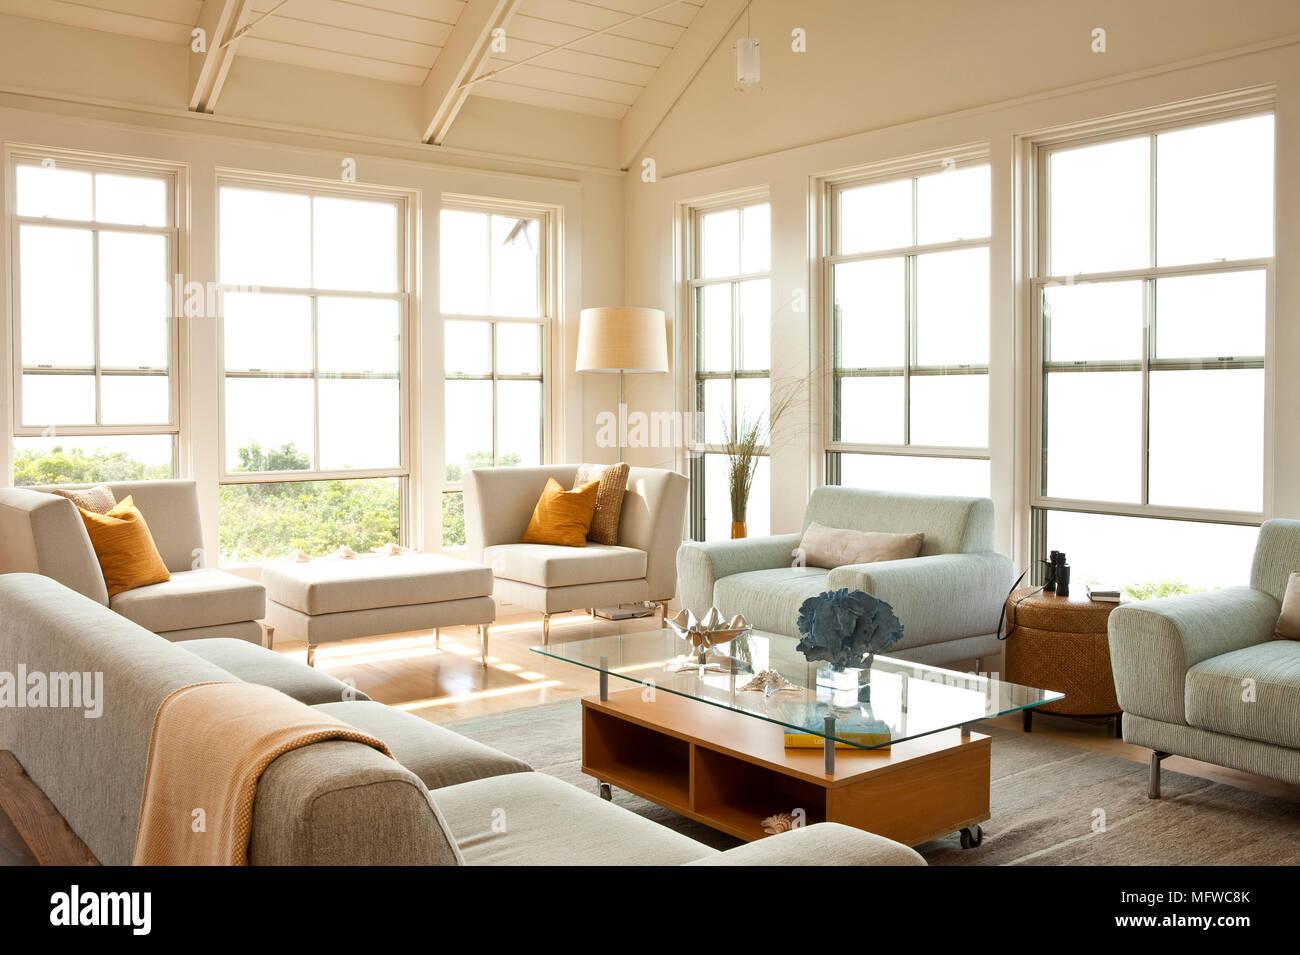 Wohnzimmer Komplett Landhausstil | Gepolsterte Sitzgelegenheiten Rund Um Glas Couchtisch Angeordnet Im